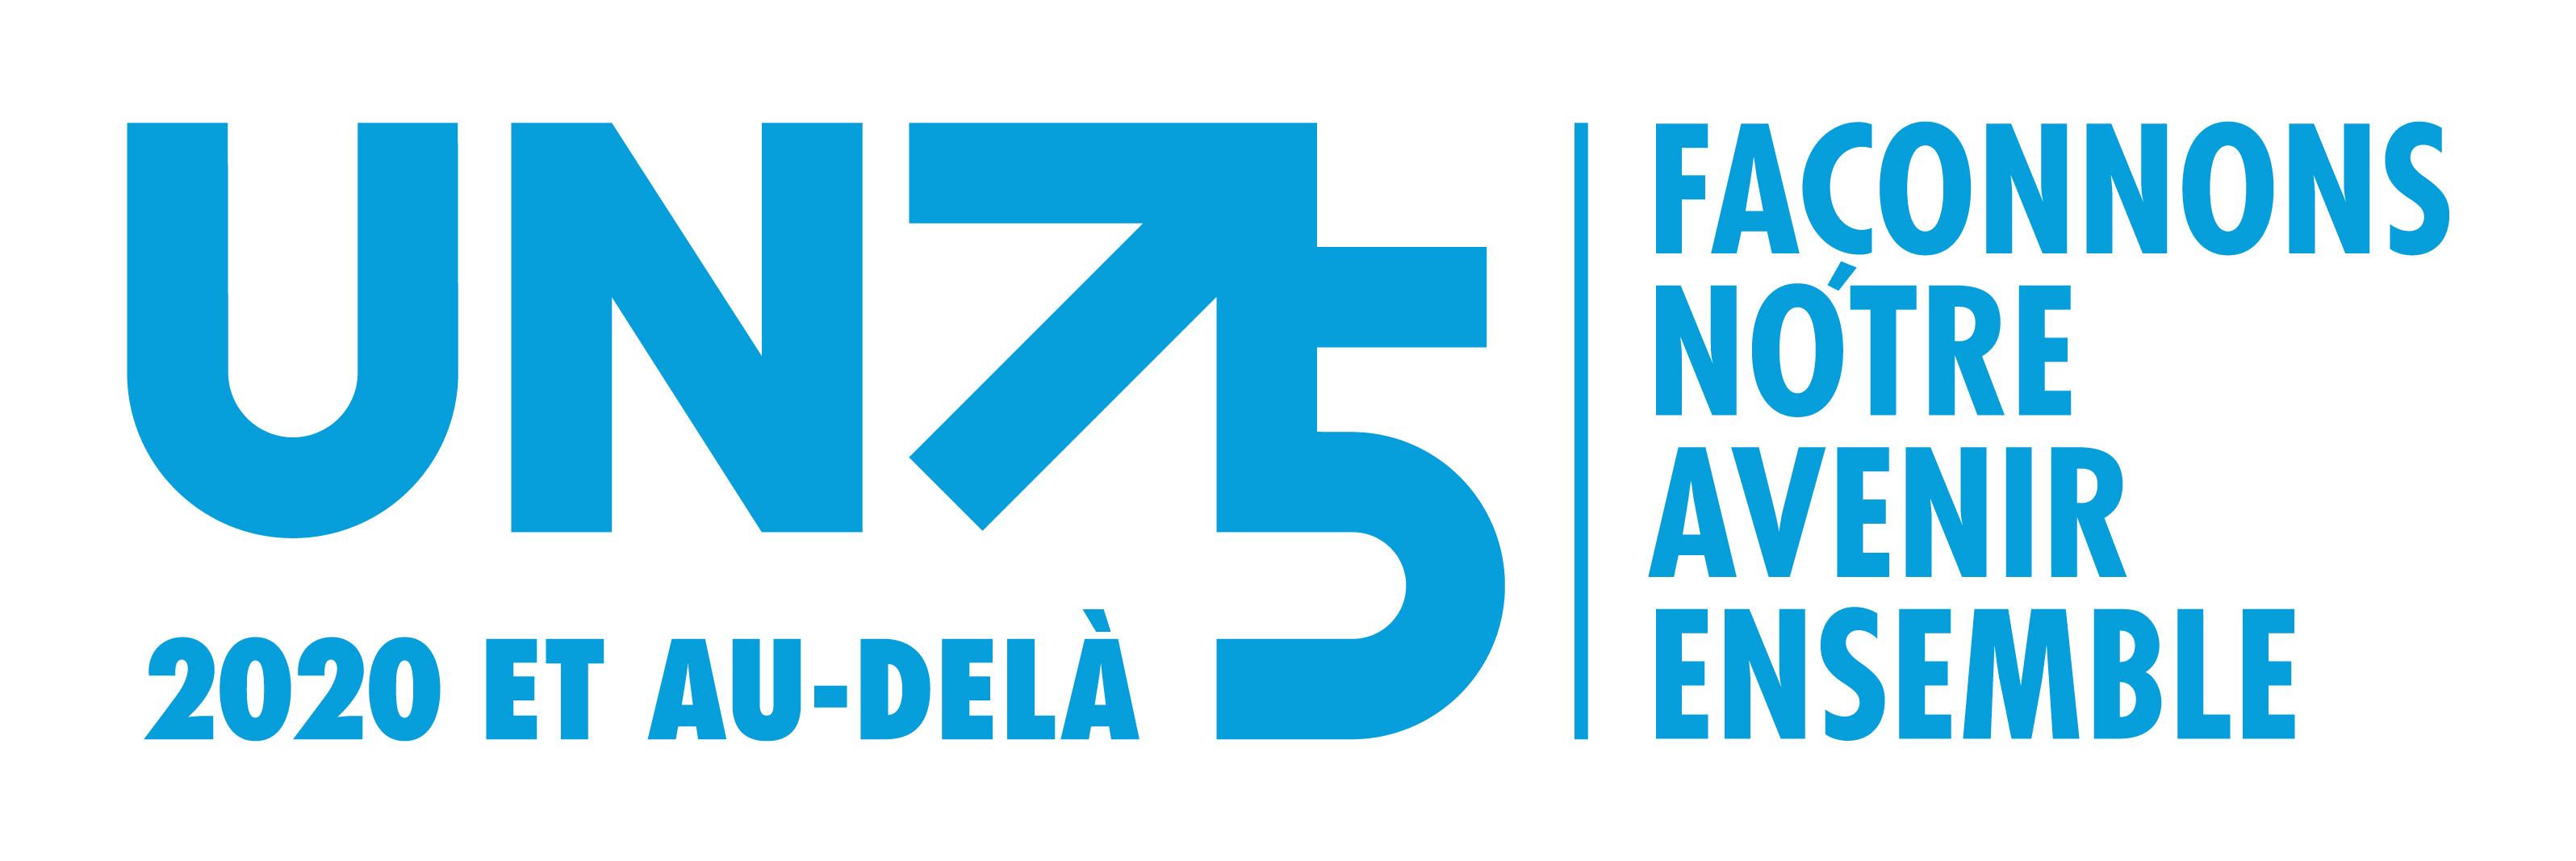 UN 75 2020 et au-delà façonnons notre avenir ensemble